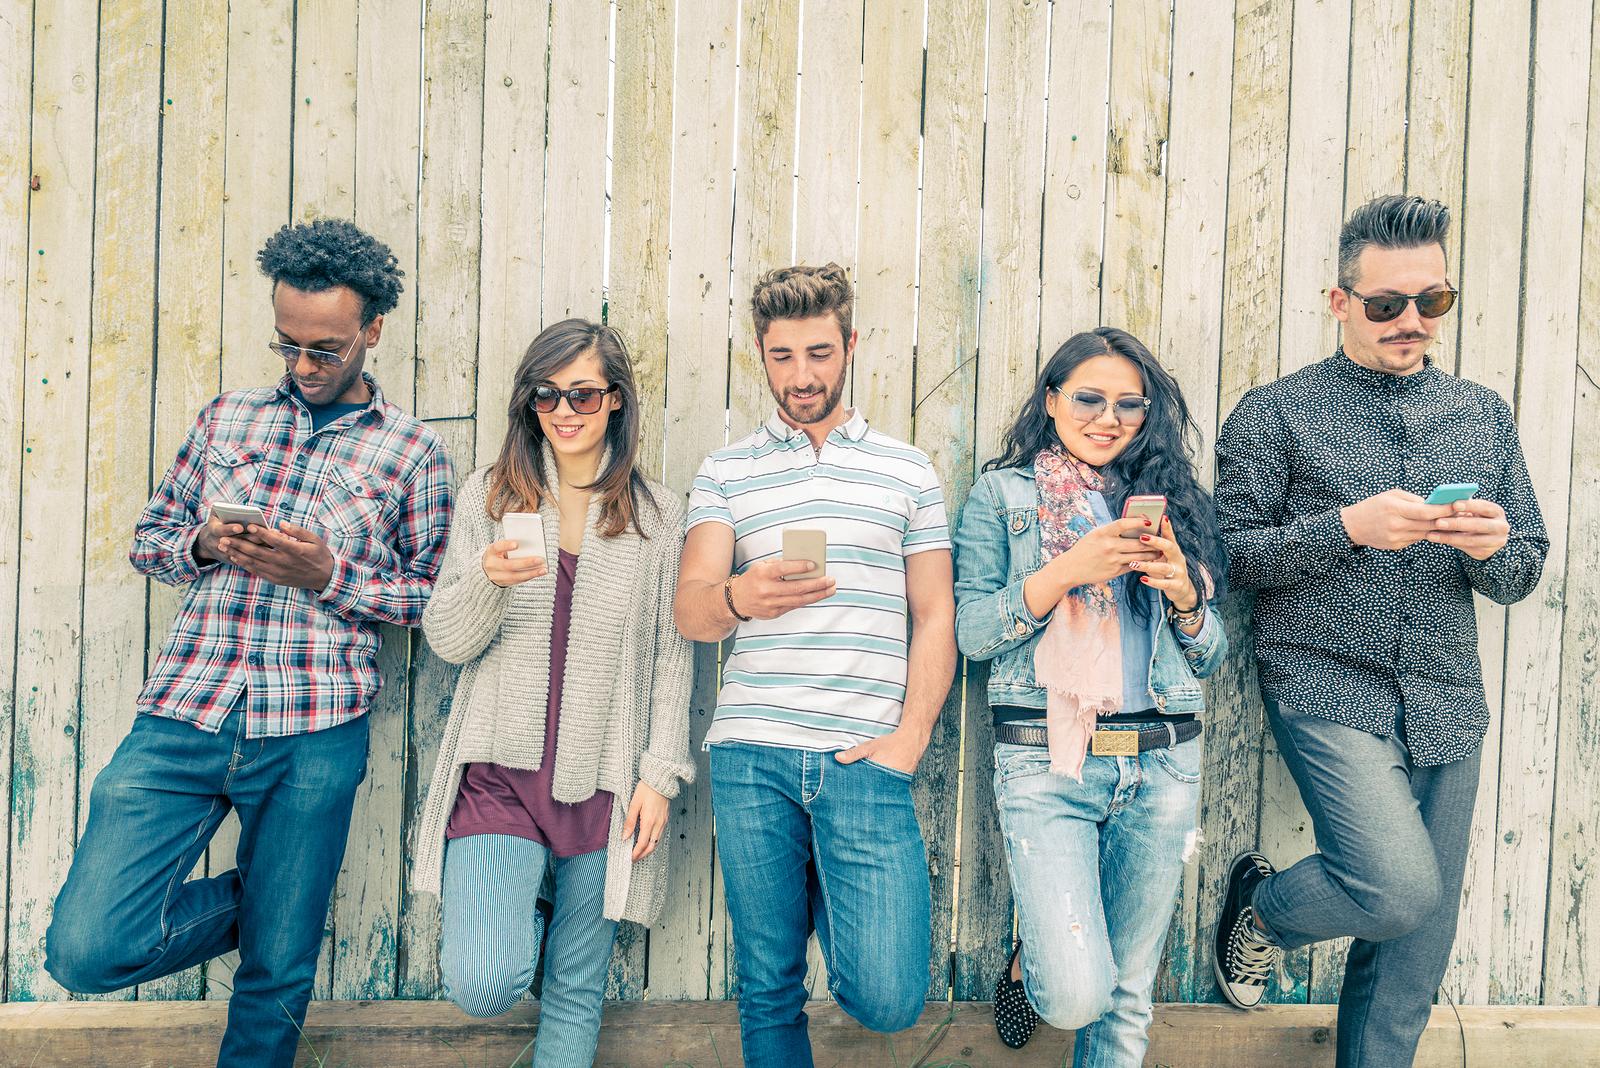 Generación Z, esto hacen con su smartphone cuando van de compras